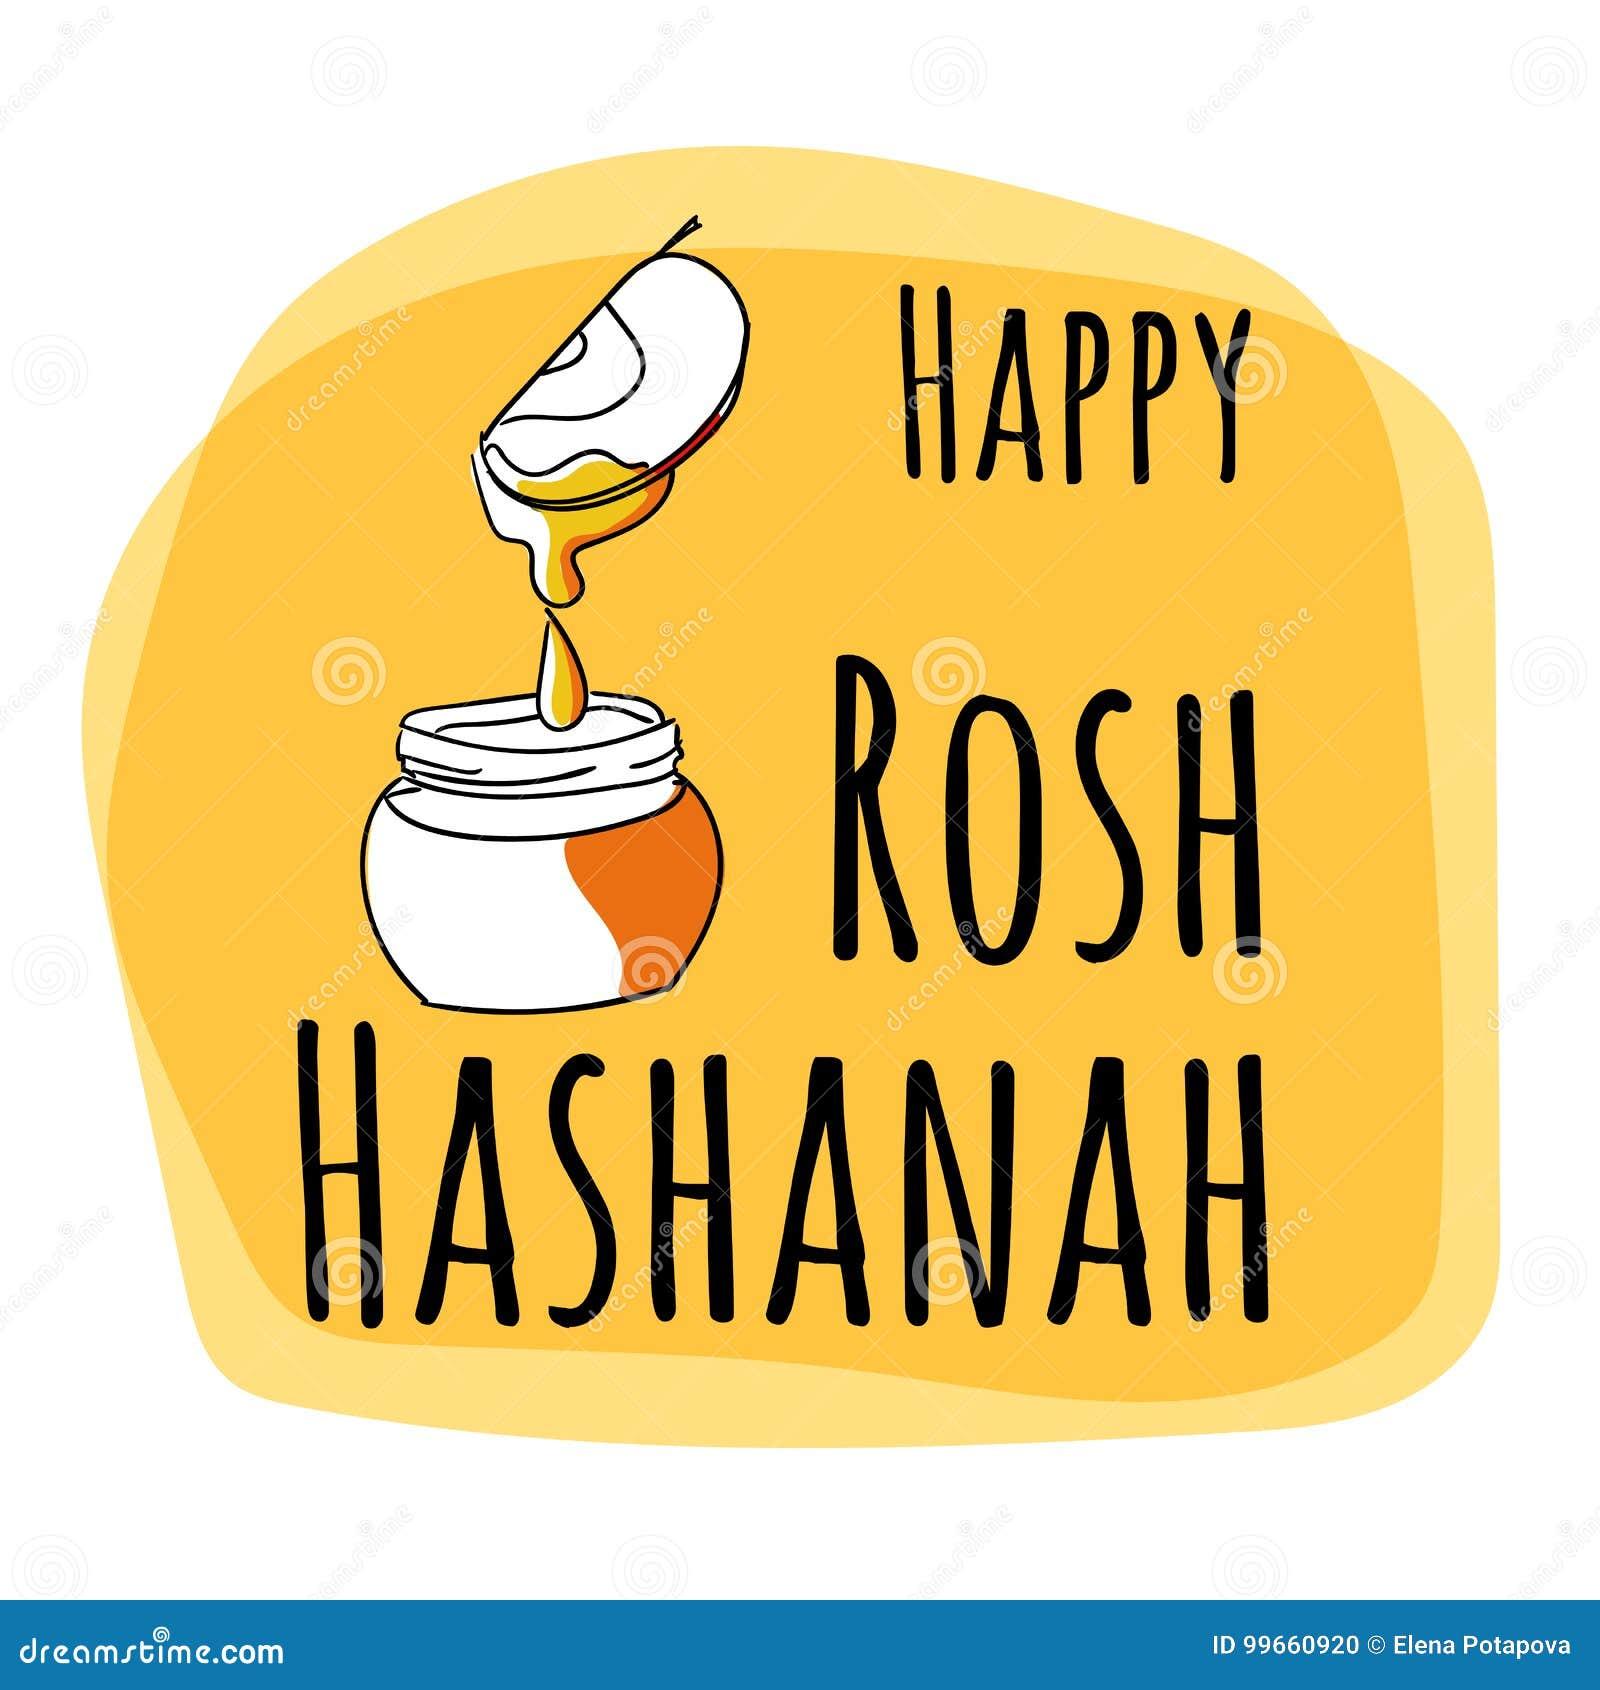 Rosh Hashana - Jewish New Year - Greeting Card Set Design ...